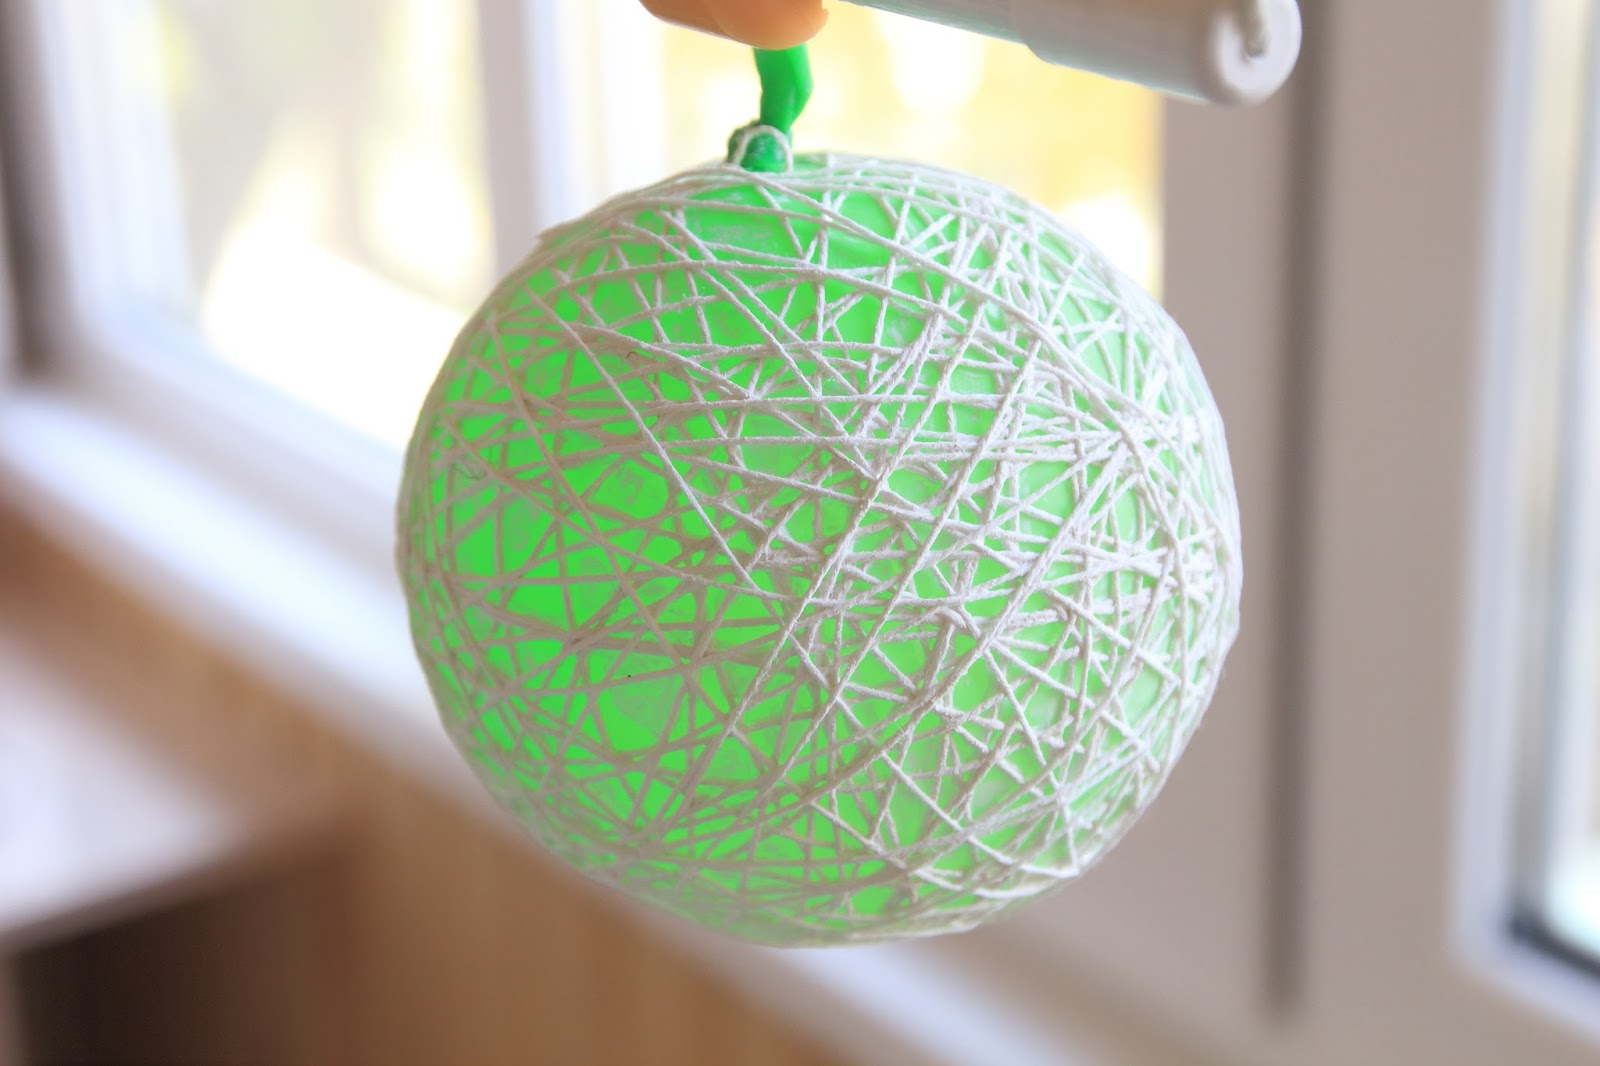 номере нитки на шарик картинки представлении многих это